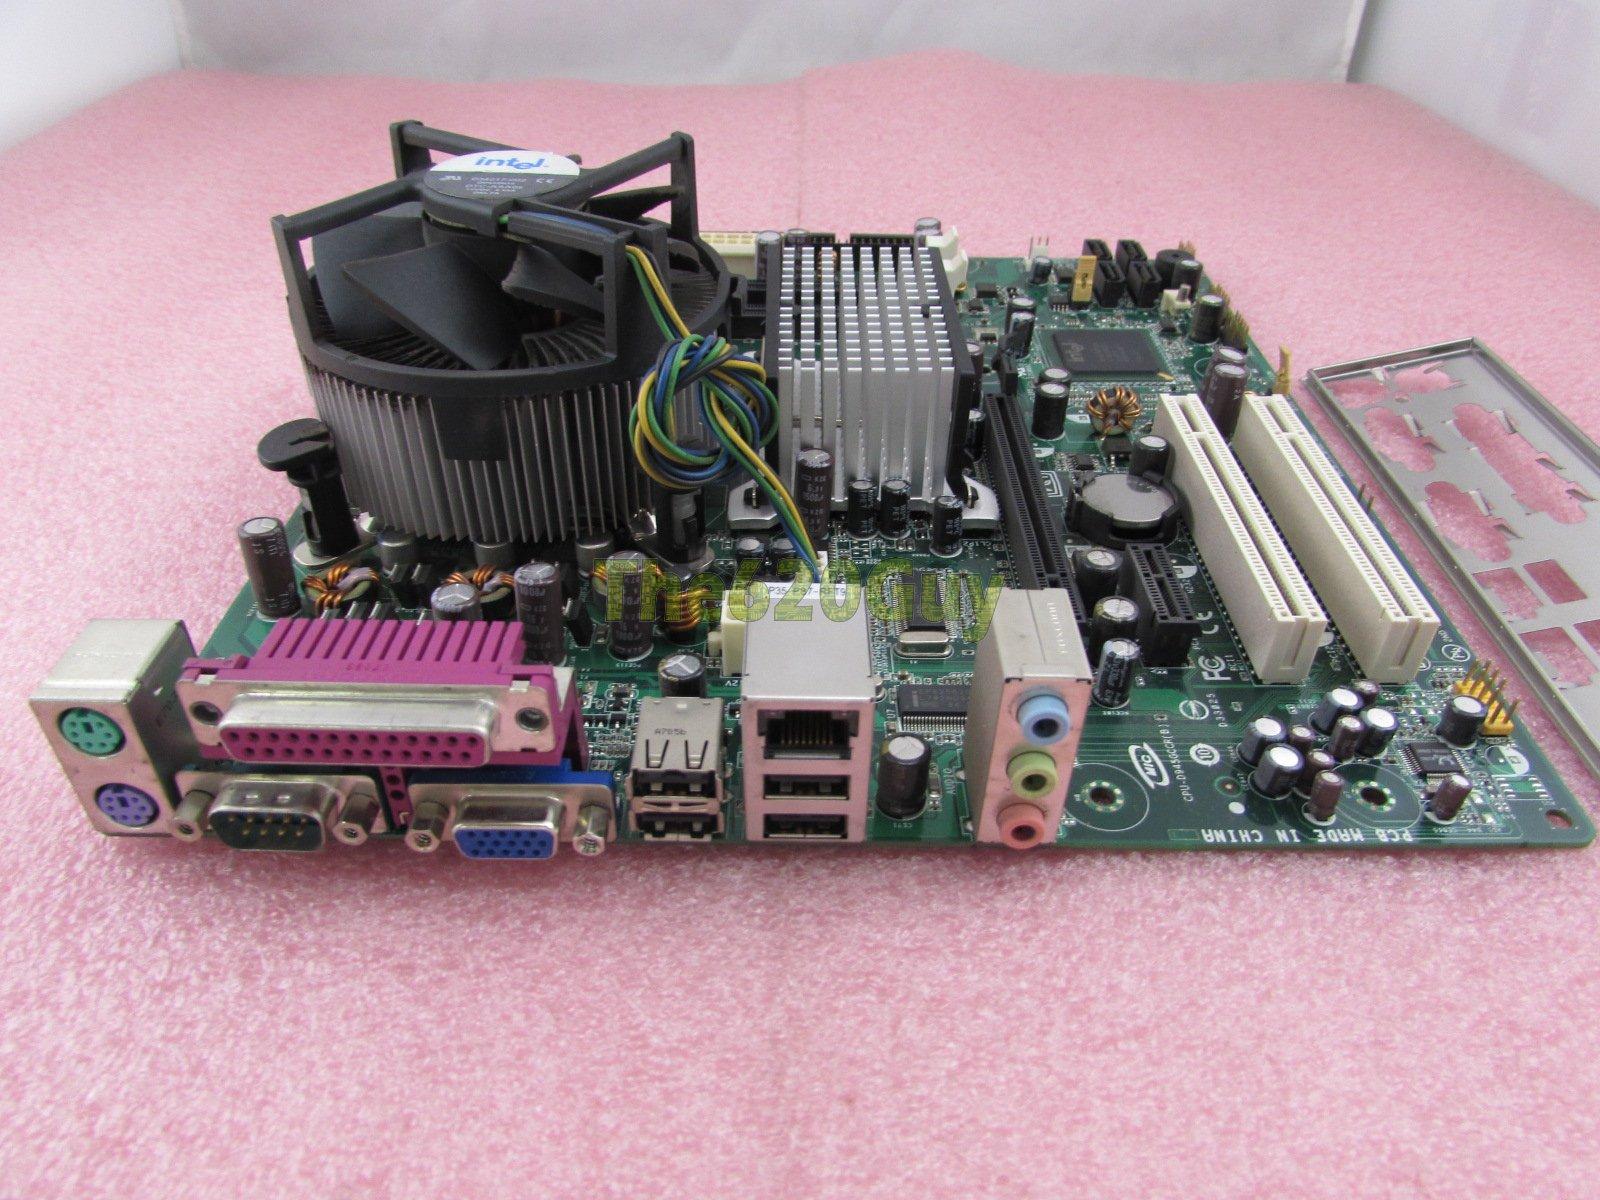 Характеристики материнская плата intel d945gccr производитель intel модель d945gccrнайти похожую матплату чипсет мат